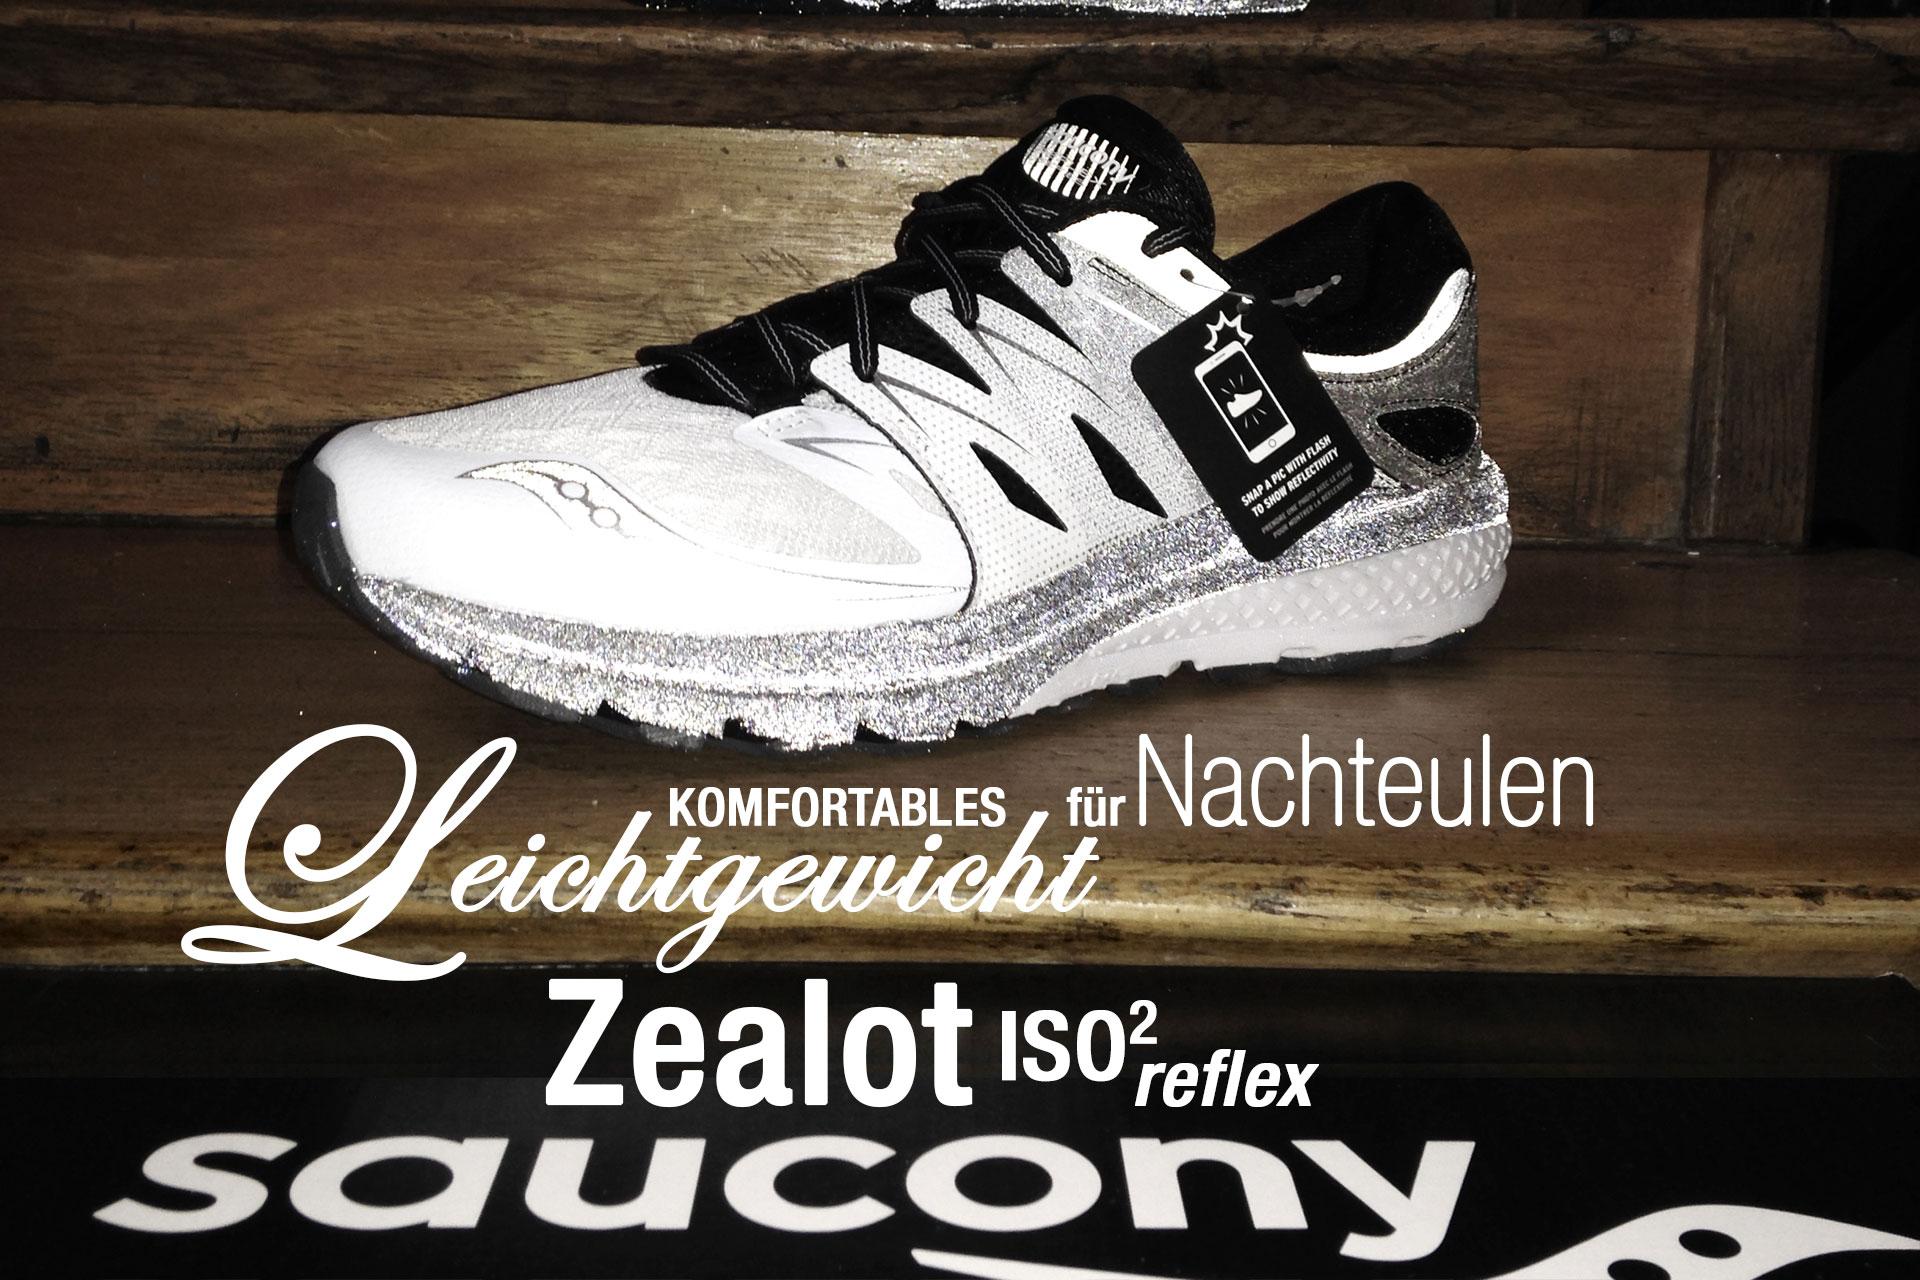 SAUCONY Zealot ISO 2 Reflex: Komfortables Leichtgewicht für Nachteulen / TITEL Der elegante Lightweight Trainer in Black-and-White ist rundum reflektierend inklusive seiner Mittelsohle, so dass man bei Nachtläufen im Scheinwerferlicht garantiert durch hervorragende Sichtbarkeit heraus sticht.